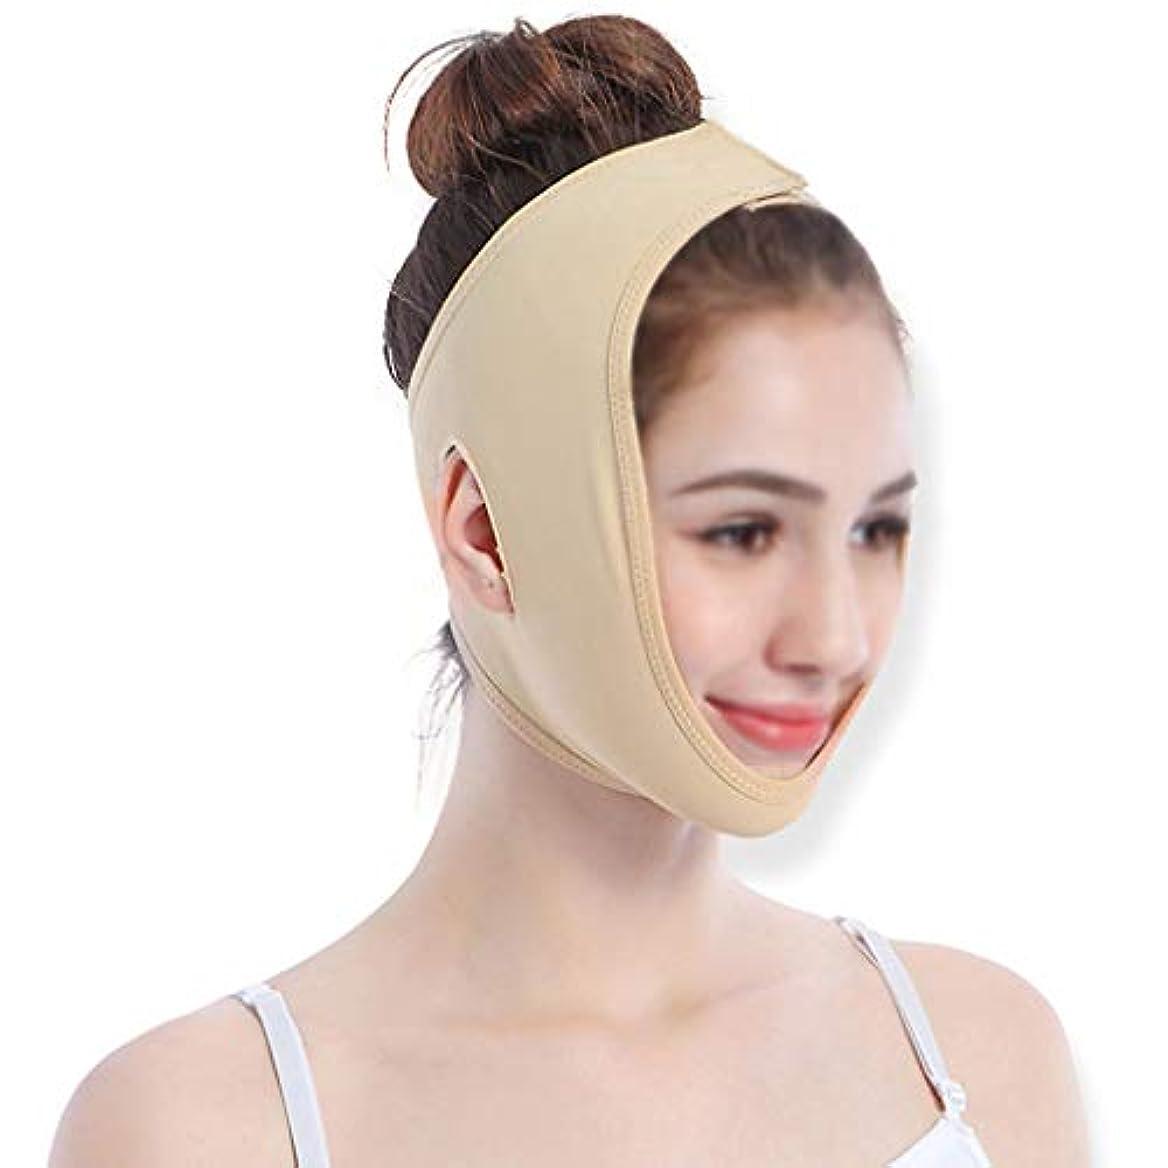 シーンけん引対角線GLJJQMY スリムな包帯V顔の顔のアーティファクトは、女性と女性のための繊細な顔のしわ防止フェイシャルツールを向上させます 顔用整形マスク (Size : M)